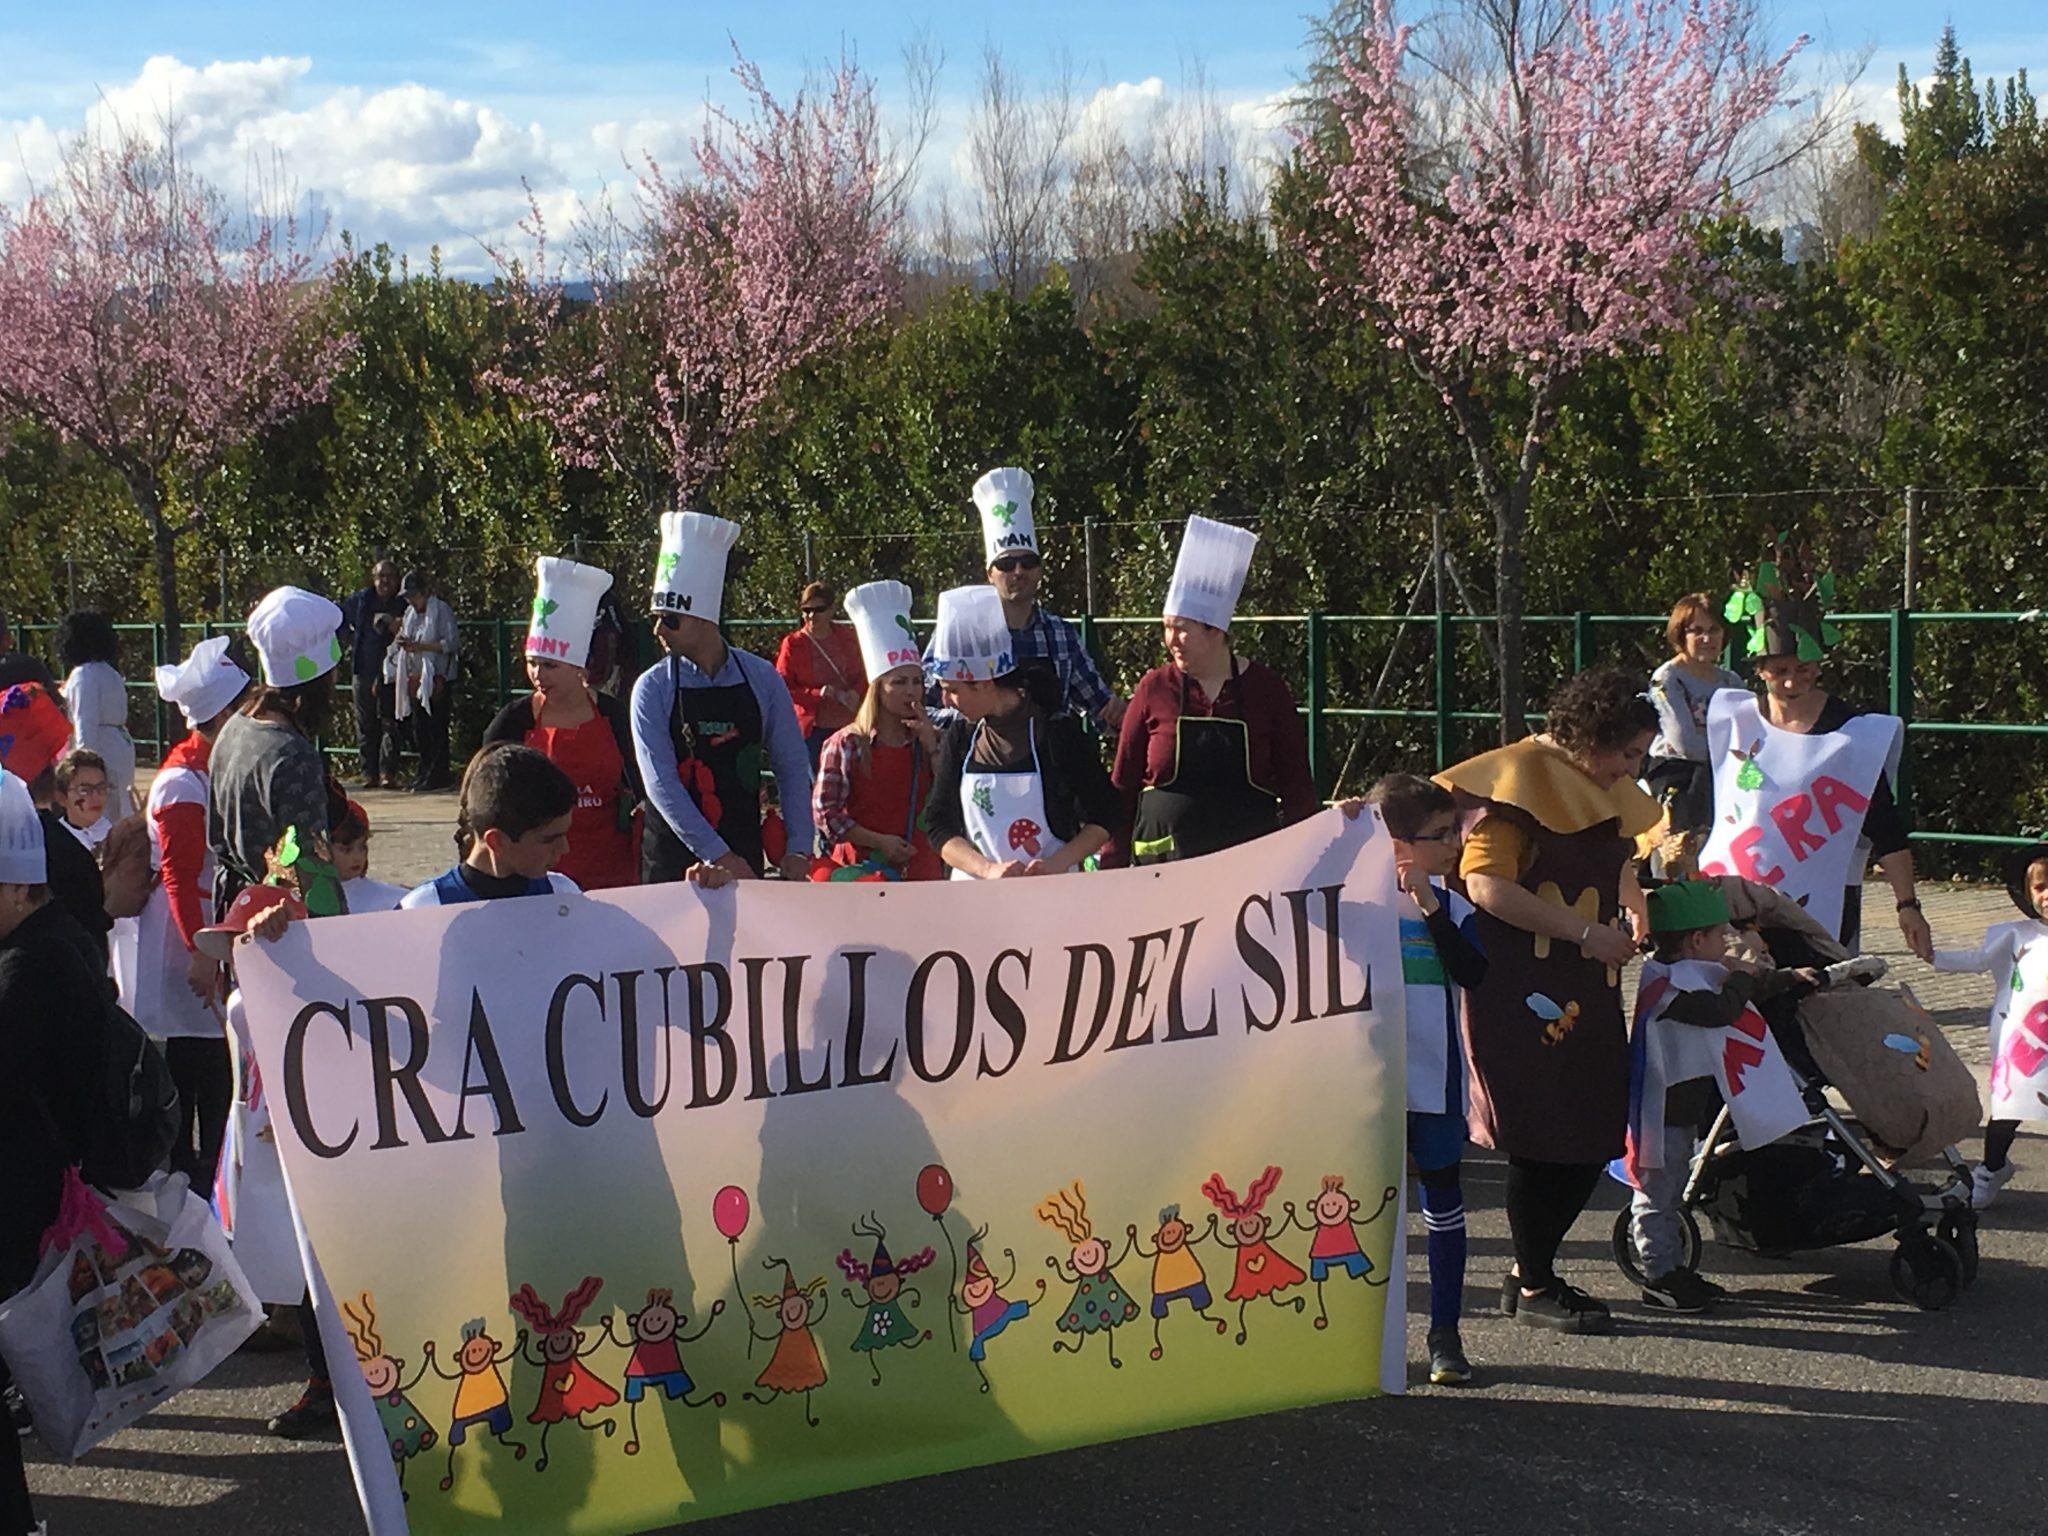 Desfile de Carnaval Cubillos del Sil 2019 - Álbum de fotos 56